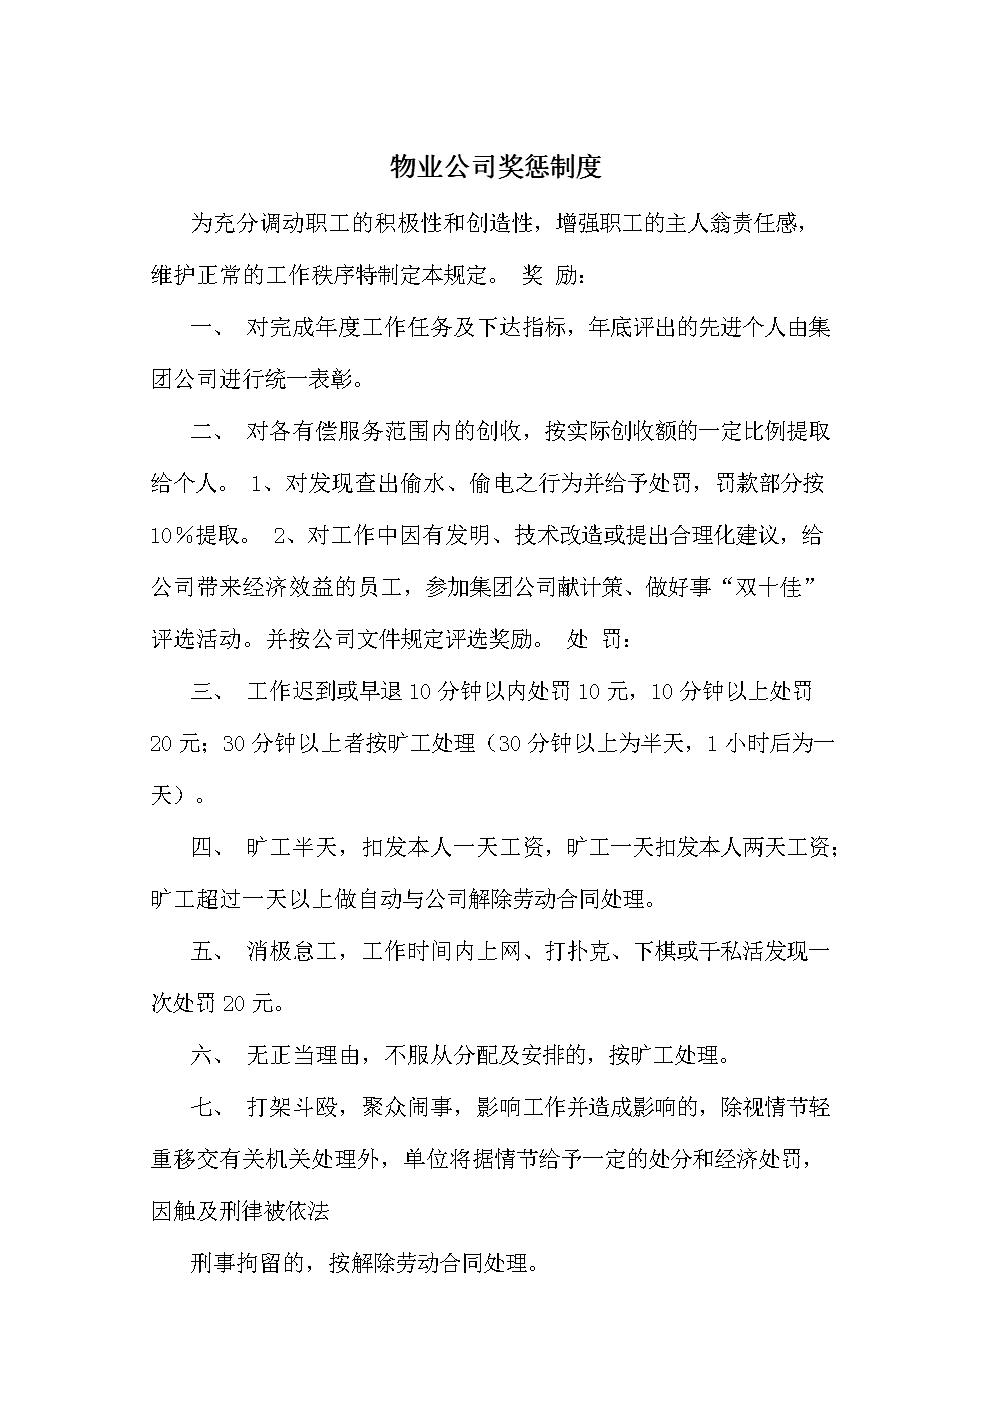 物业公司奖惩制度范本.docx